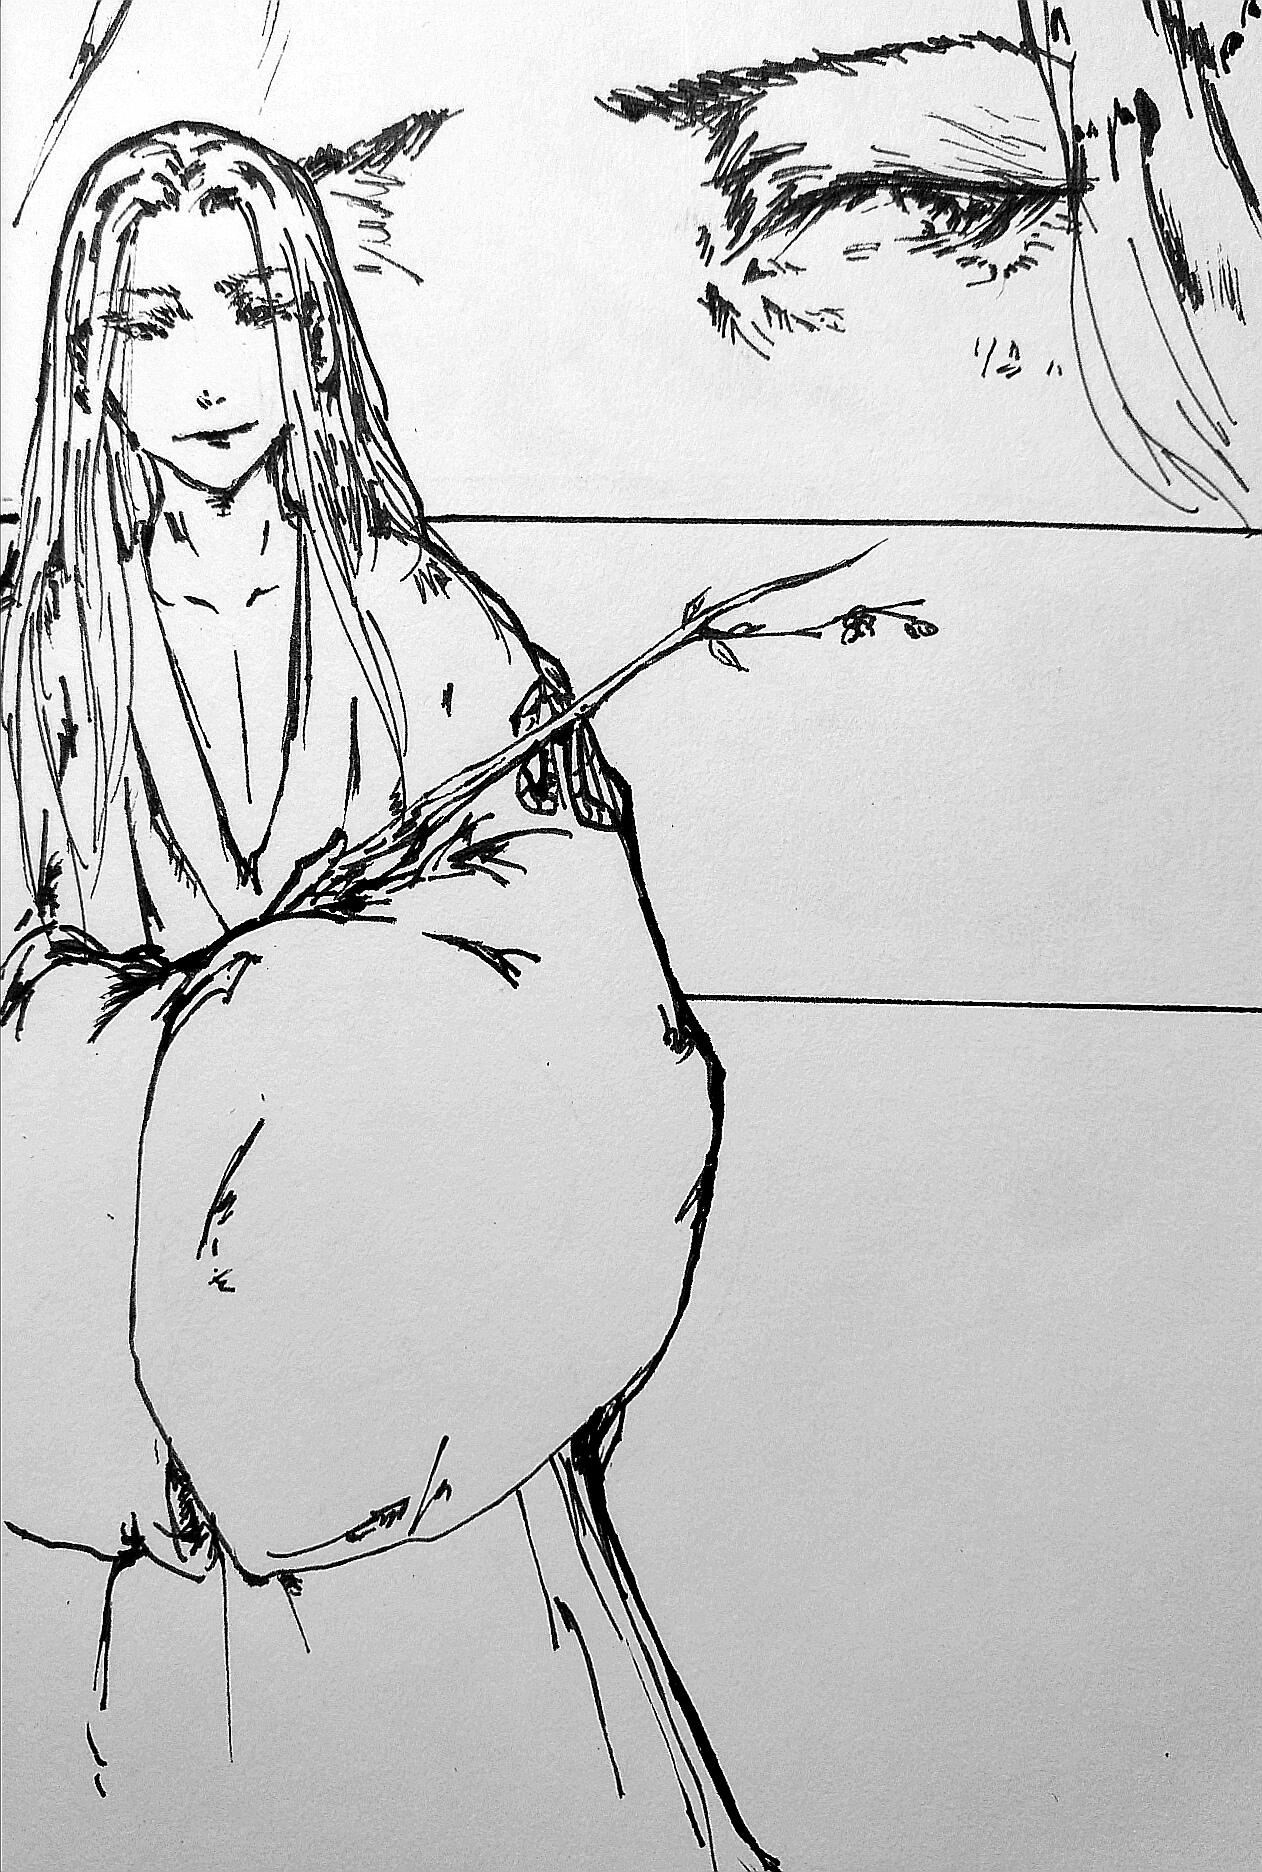 《王者荣耀》瑜乔- 长干行二首 动漫 短篇/四格漫画